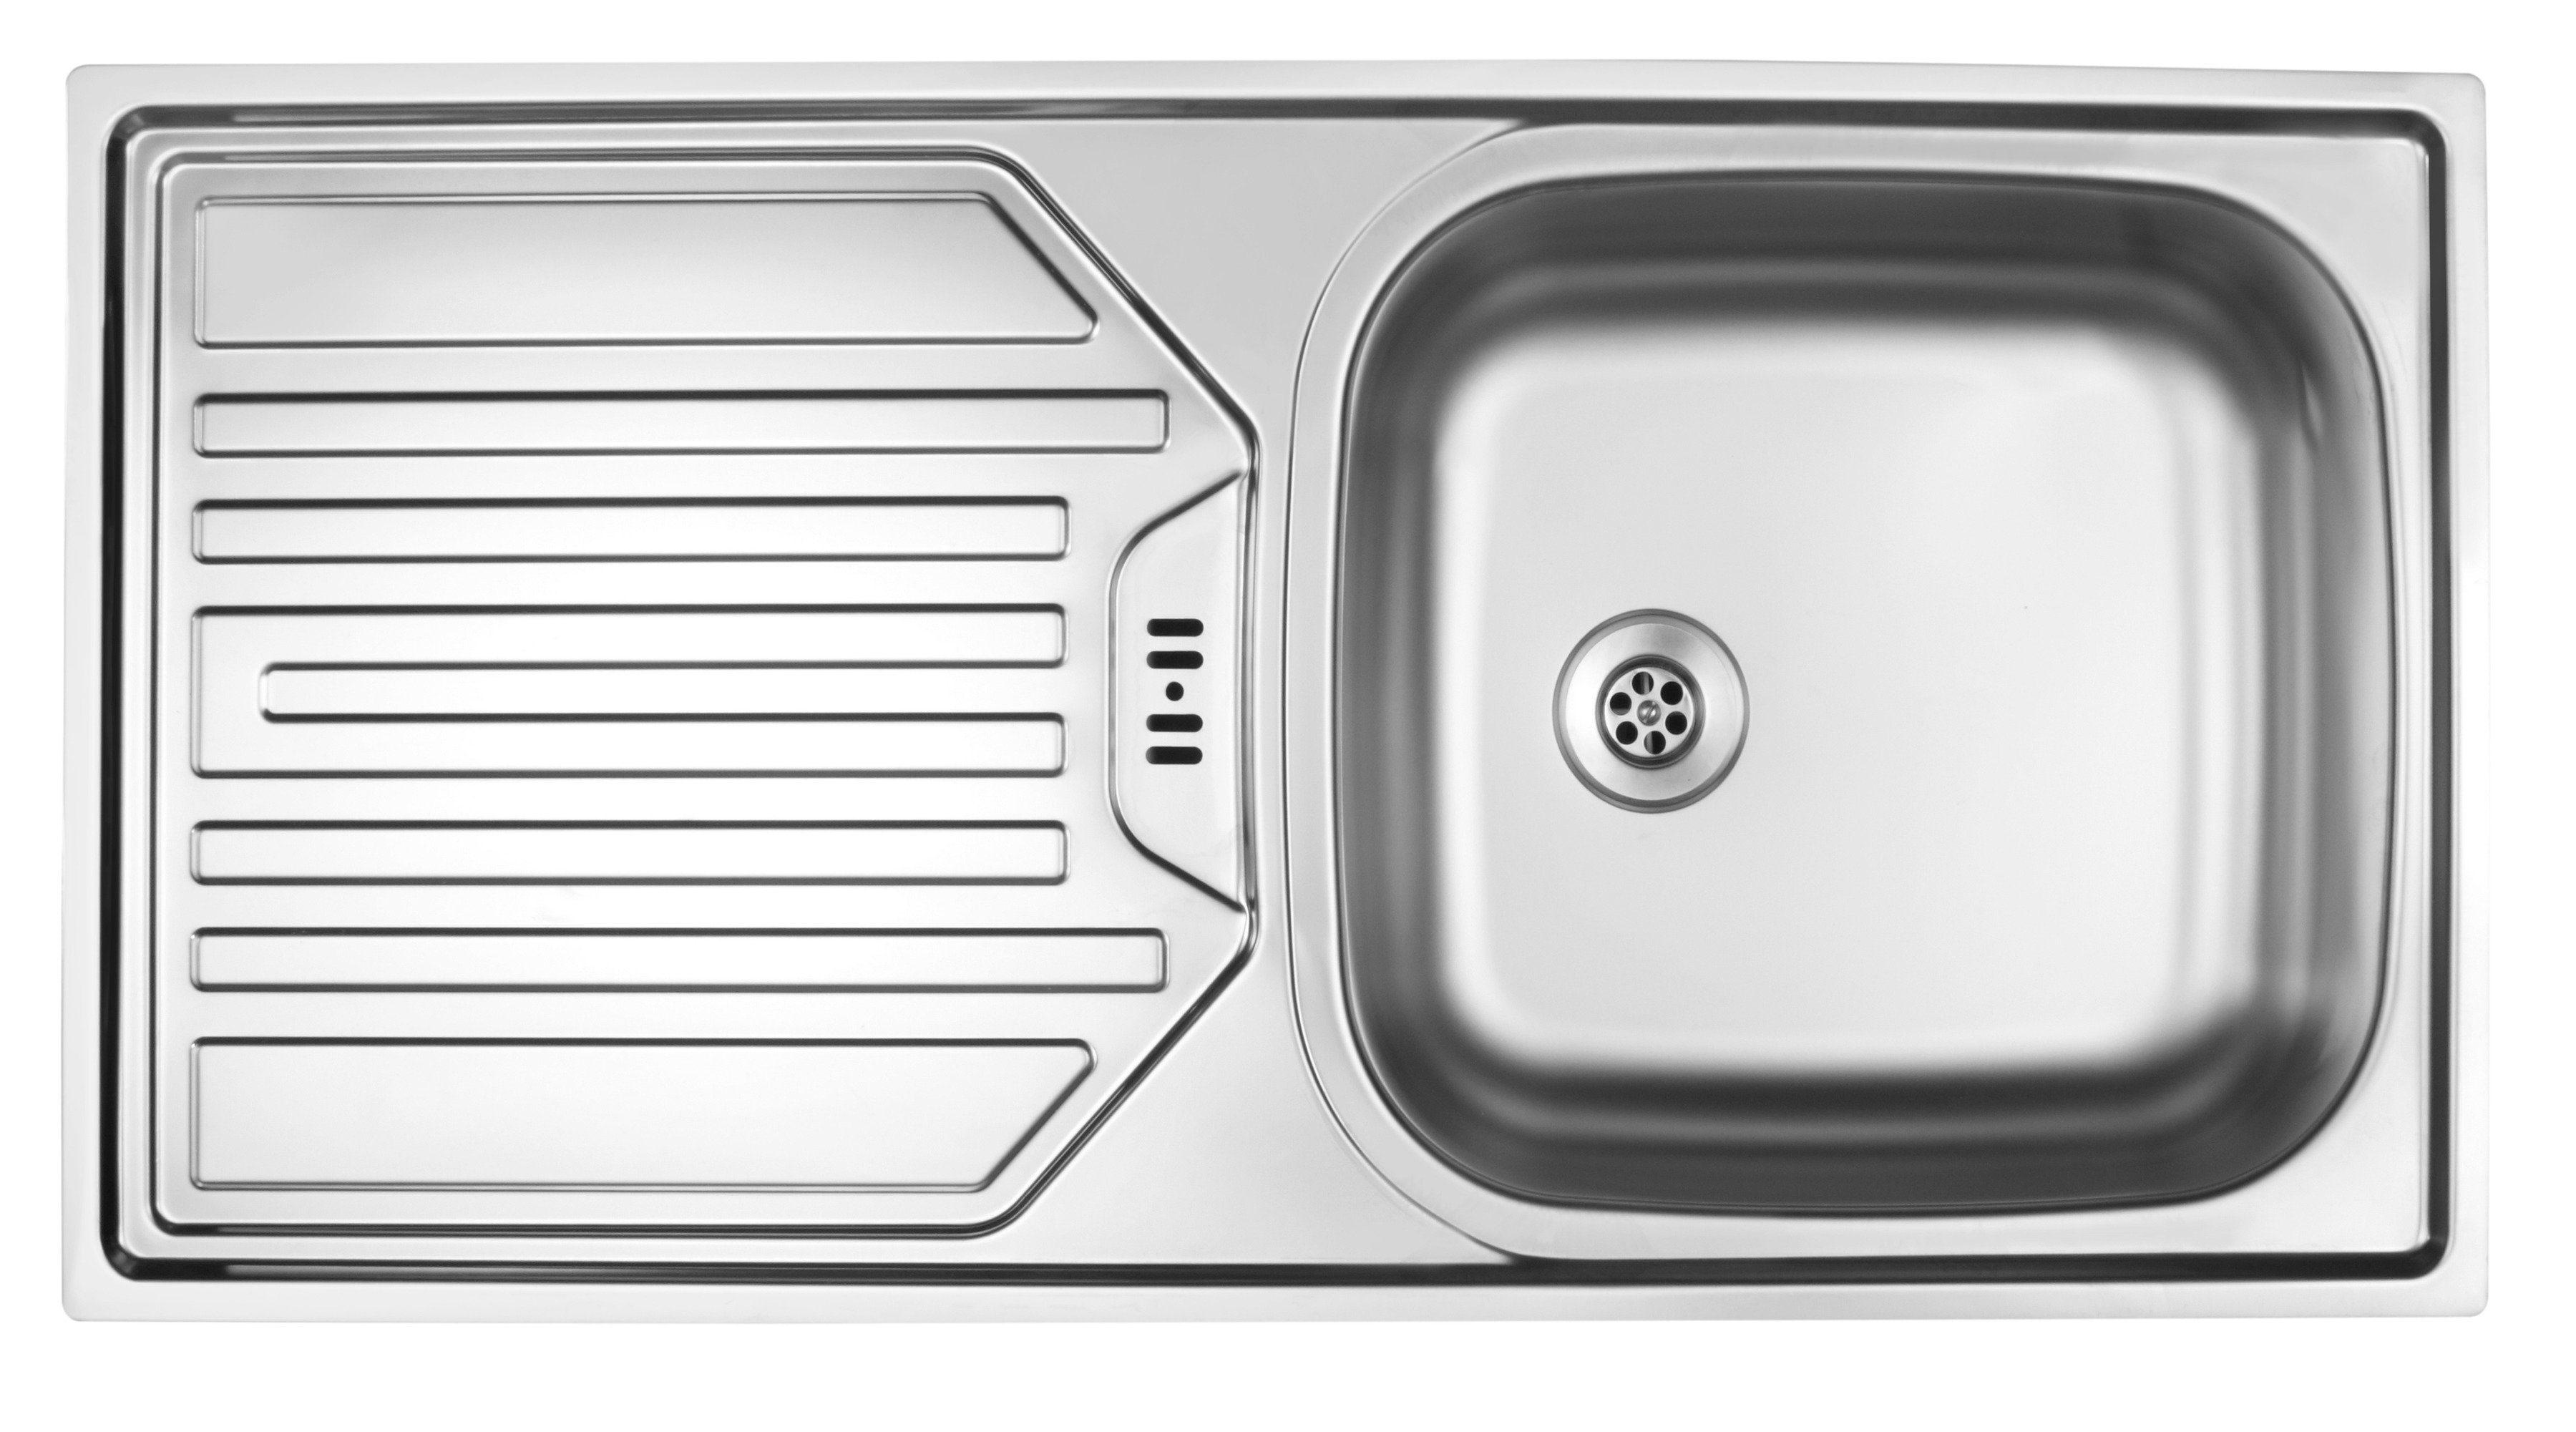 Küchen Edelstahl-Einbauspüle, 86x43,5 cm